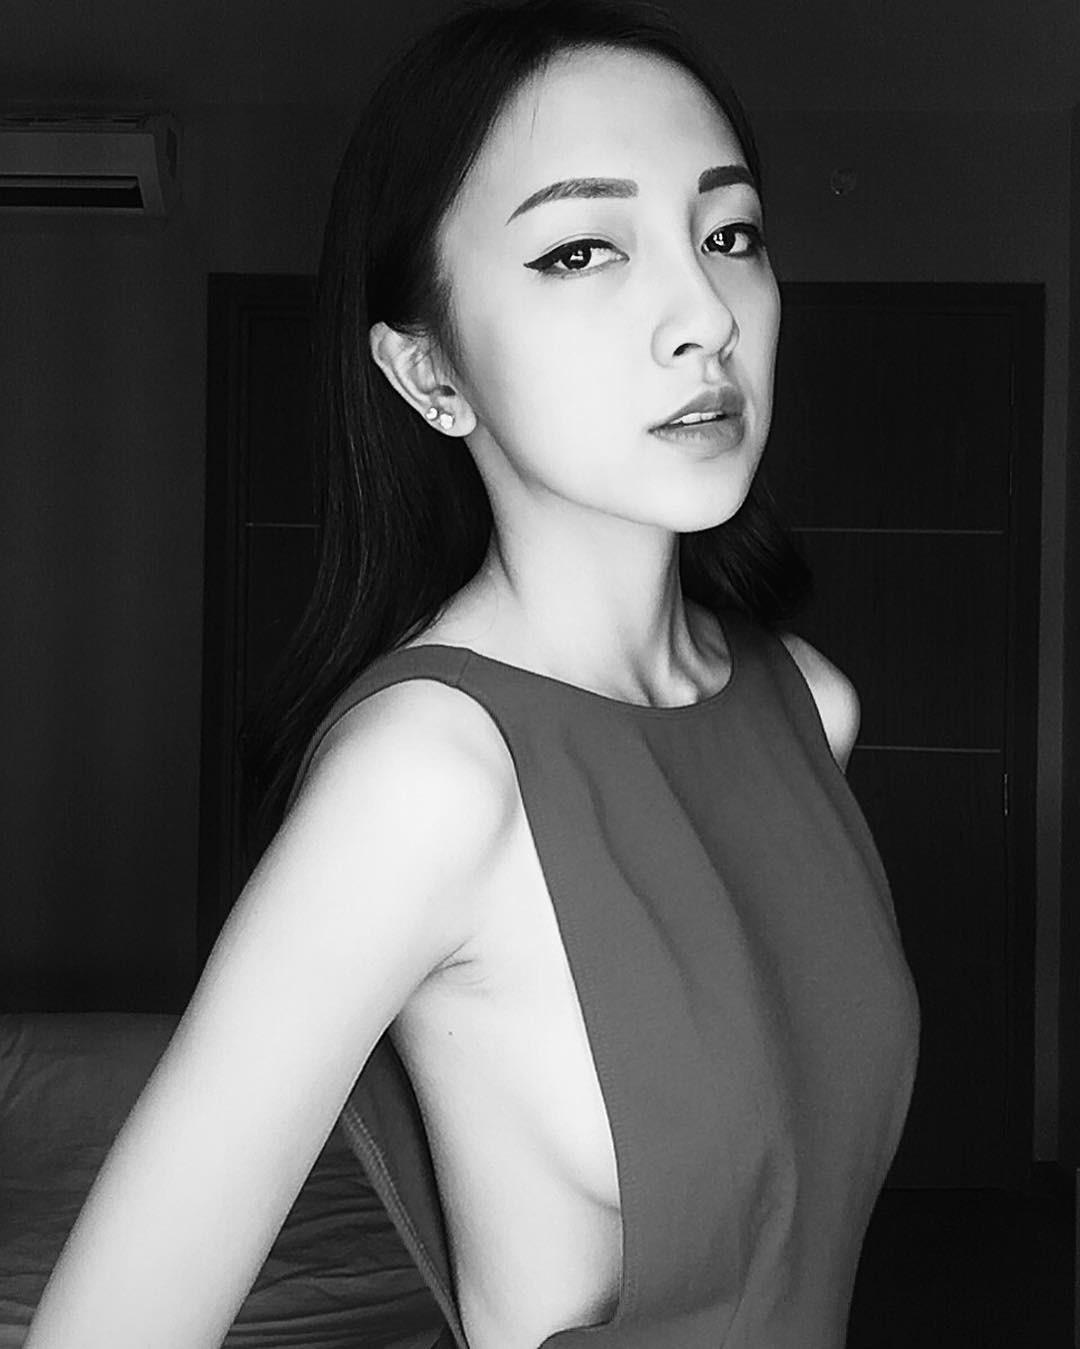 Jessie Lương - Cô nàng người Việt với vẻ đẹp nữ thần khiến ai cũng nhầm là con lai - Ảnh 12.